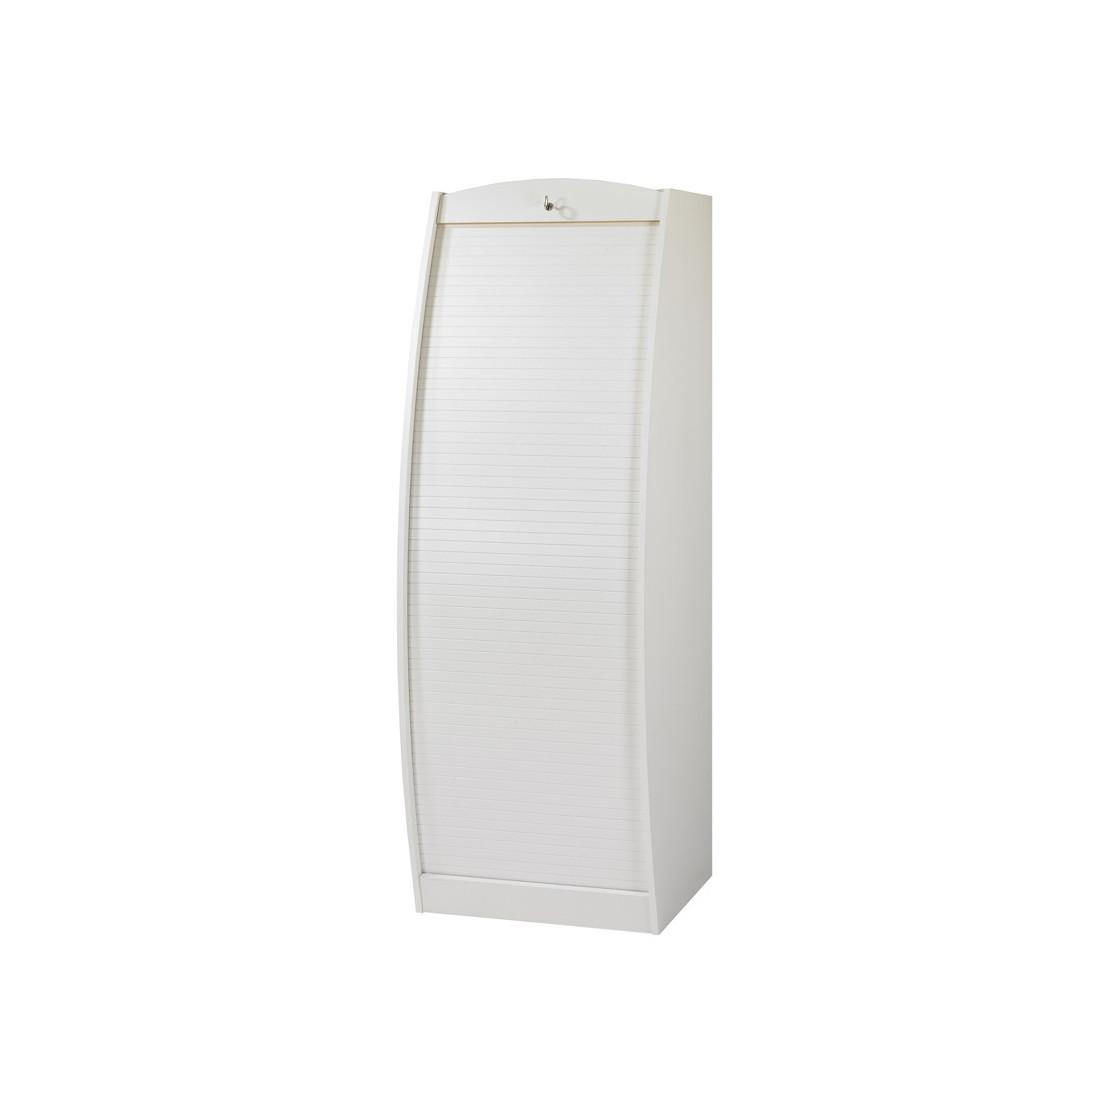 Colonne informatique rideau blanc taille m info for Bureau colonne